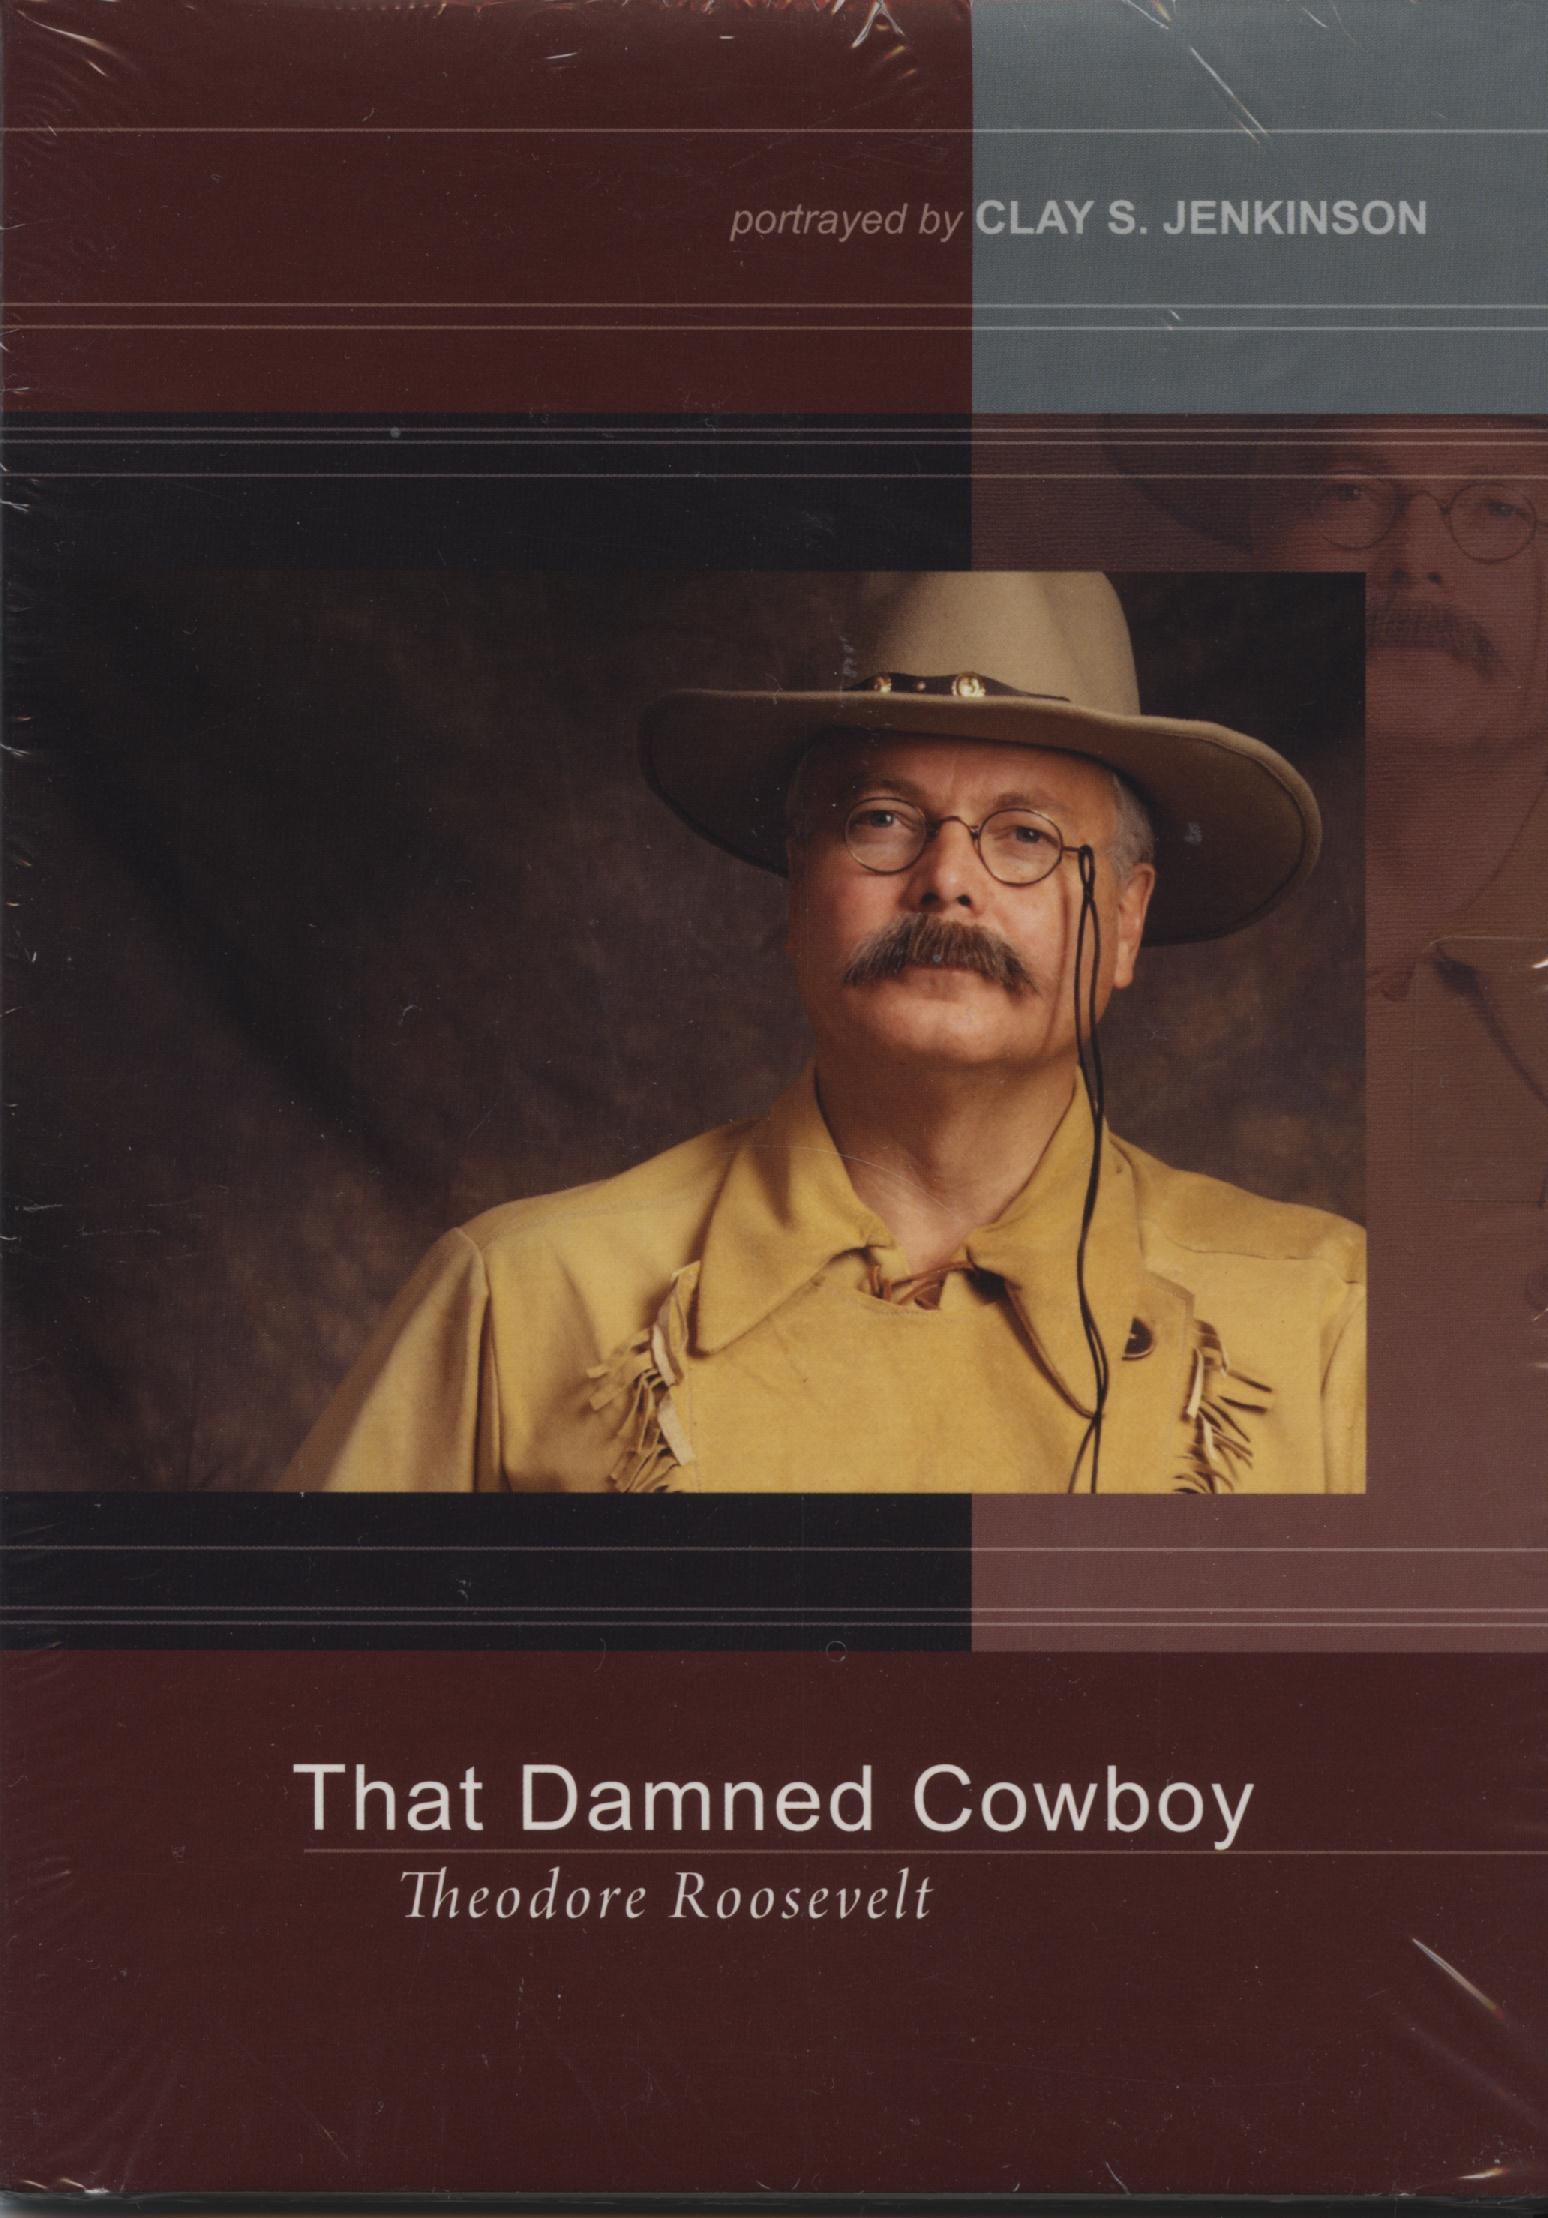 That Darned Cowboy 001.jpg